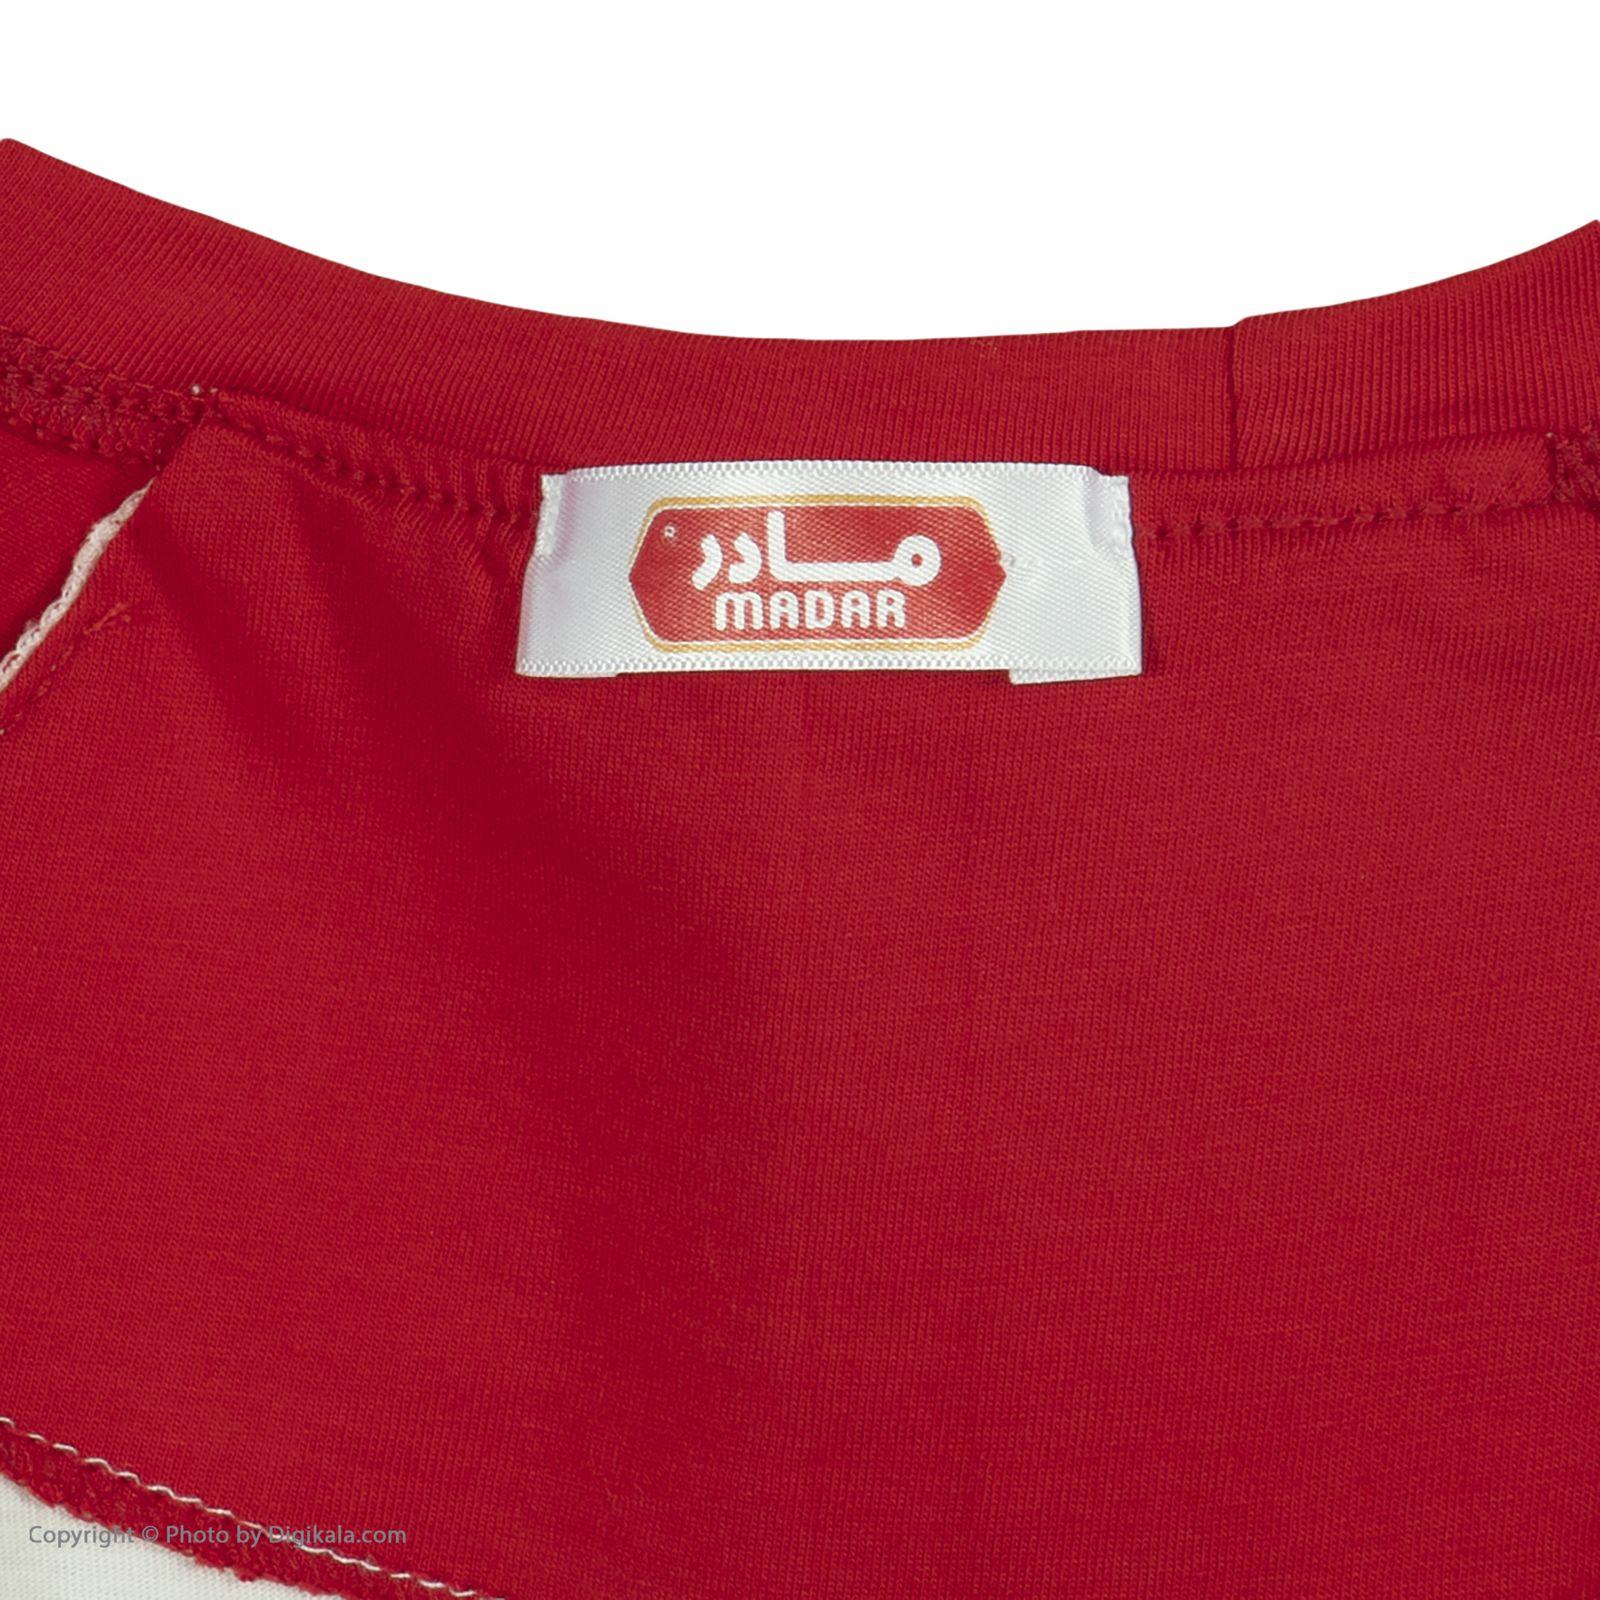 ست تی شرت و شلوارک راحتی مردانه مادر مدل 2041107-74 -  - 8